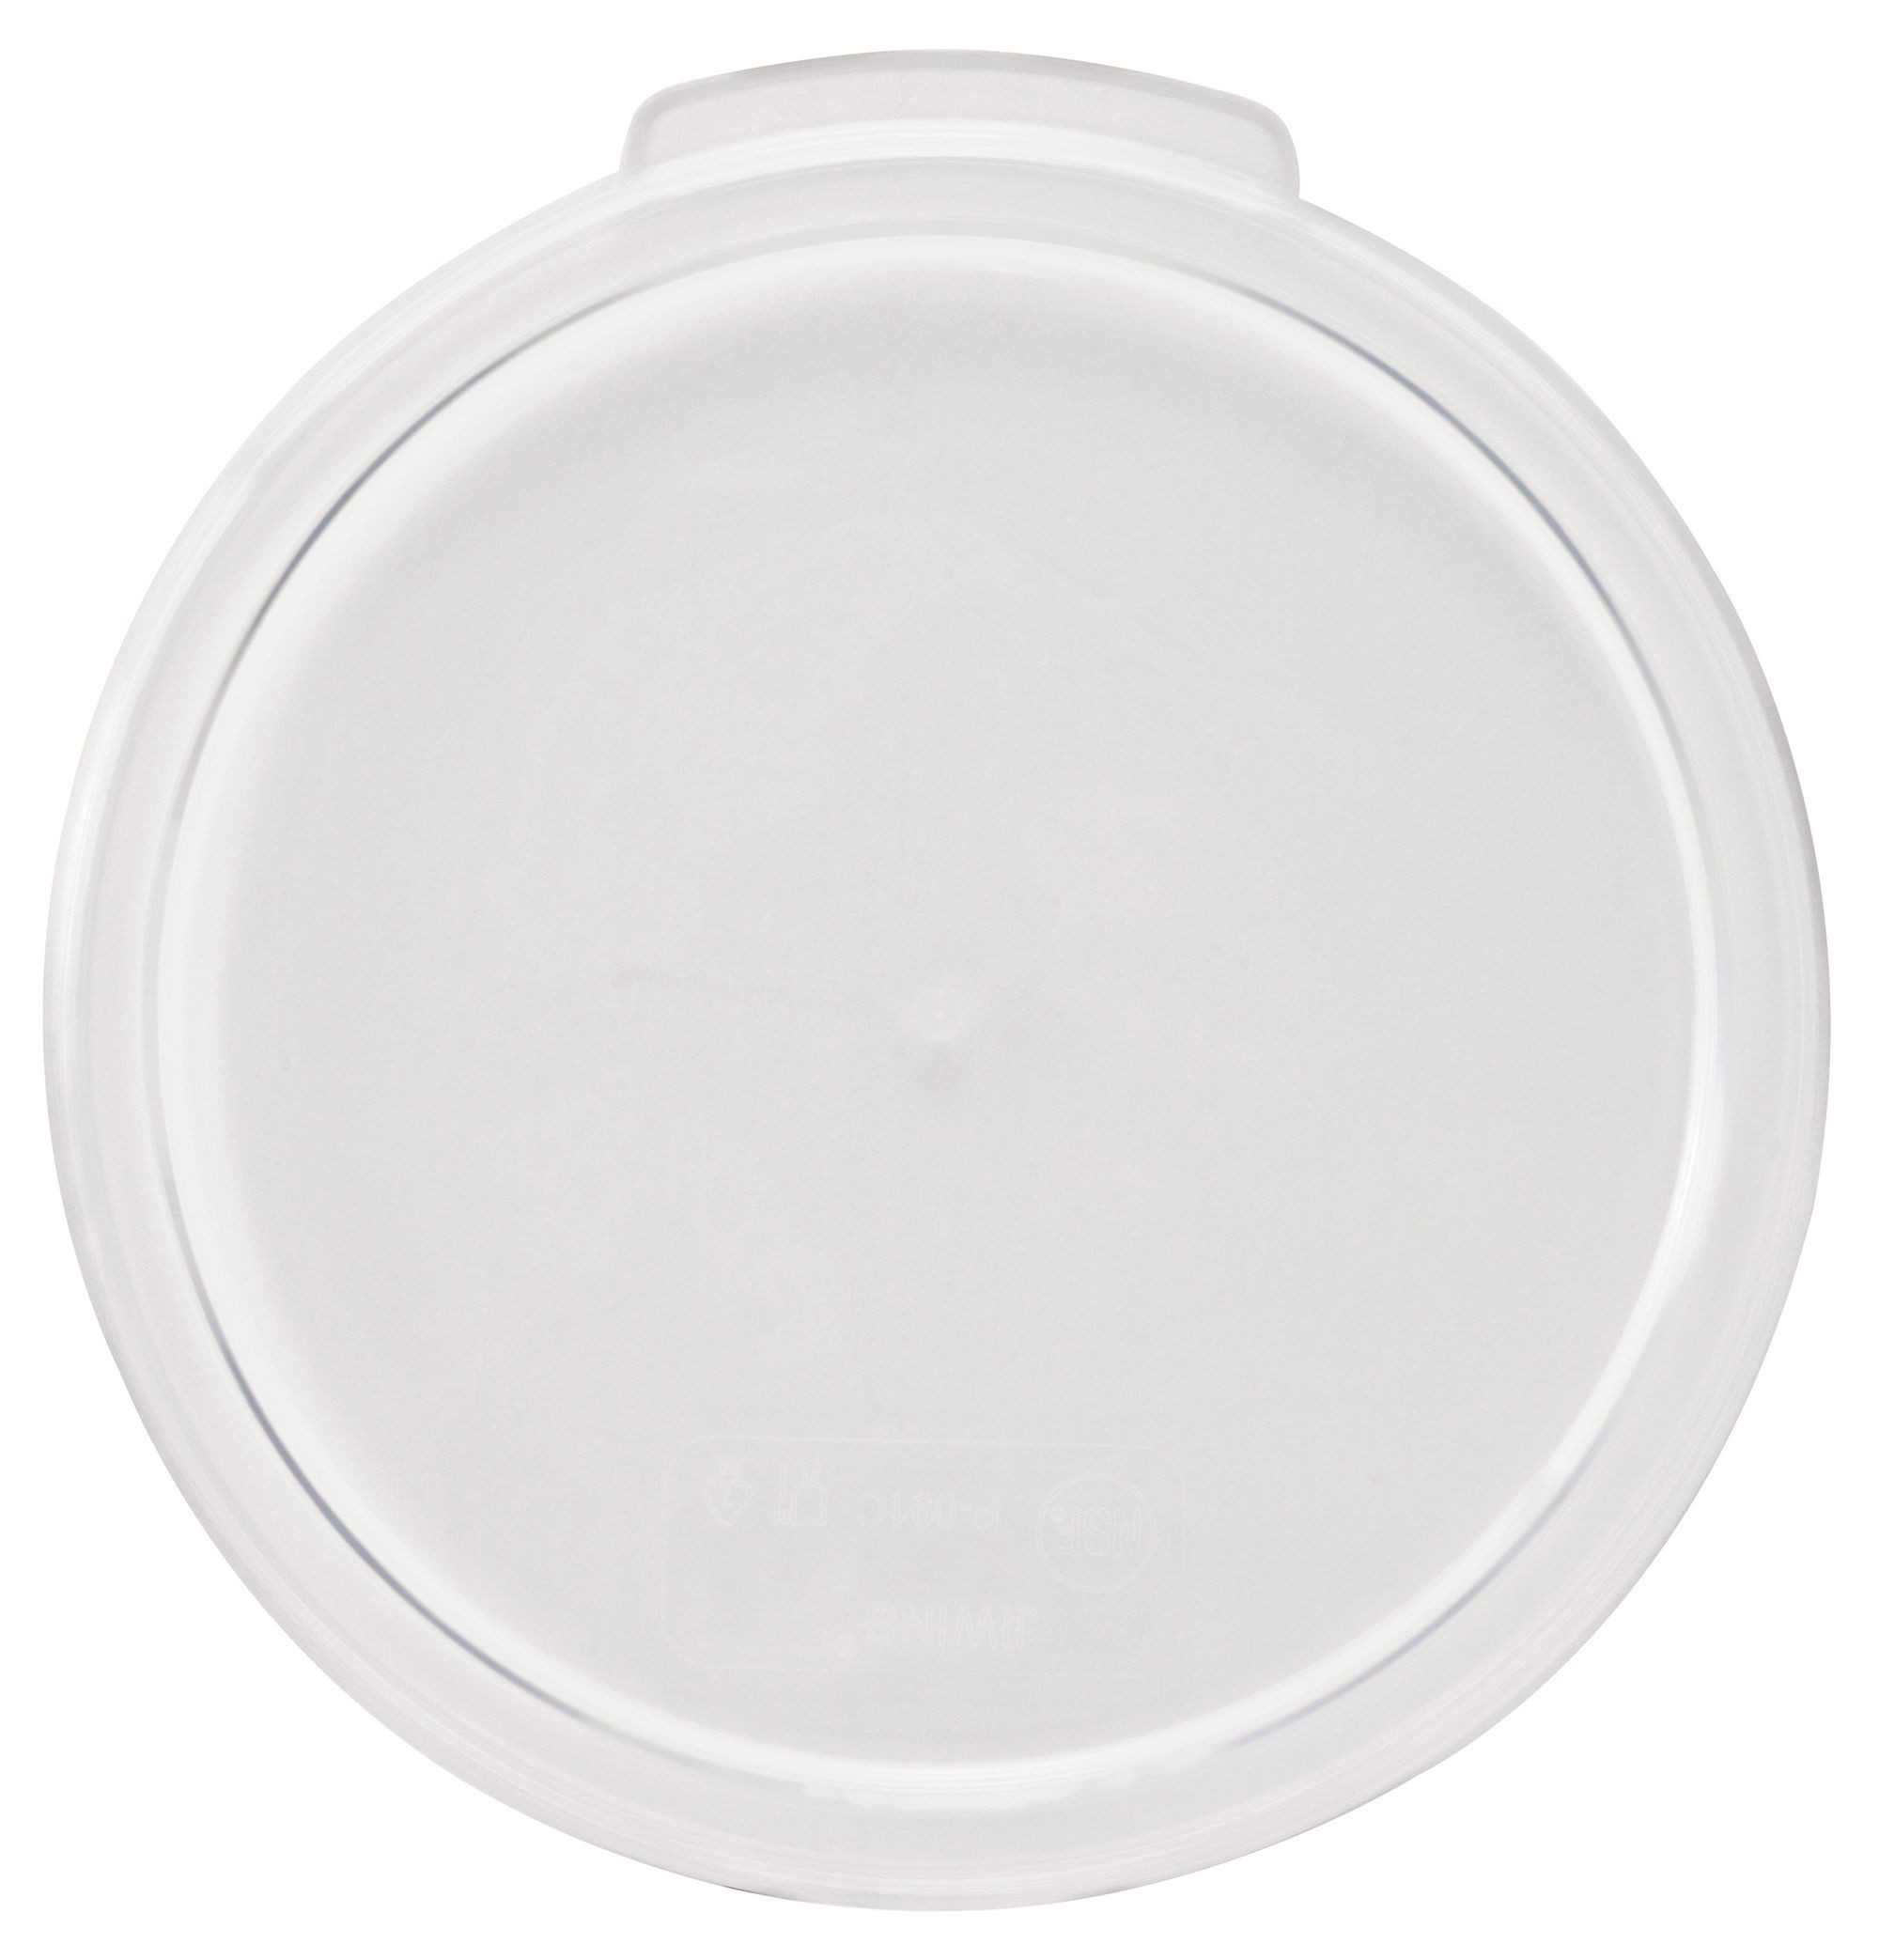 Winco PCRC-1222C Round Polycarbonate Cover, Fits 12 & 18 & 22 Qt.